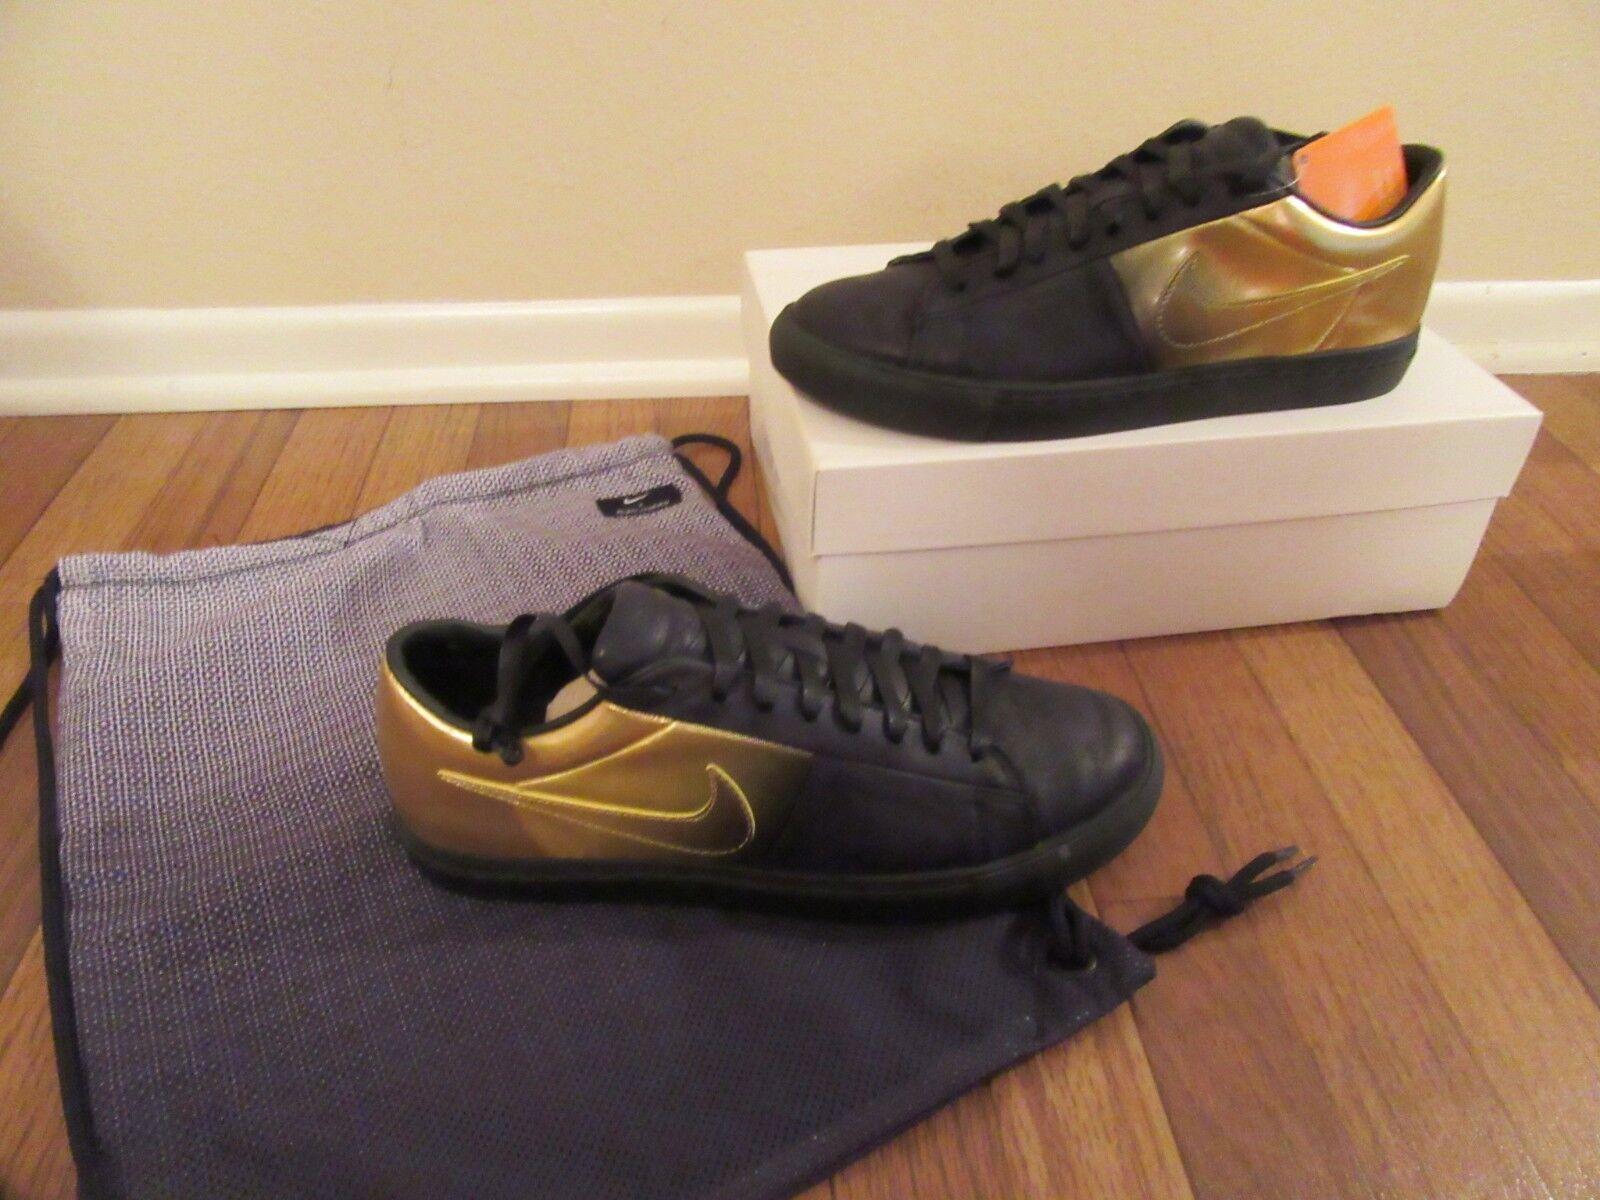 Nike blazer basso sp / pedro lourenco - dimensioni oro nero 718798 008 nuovo ds